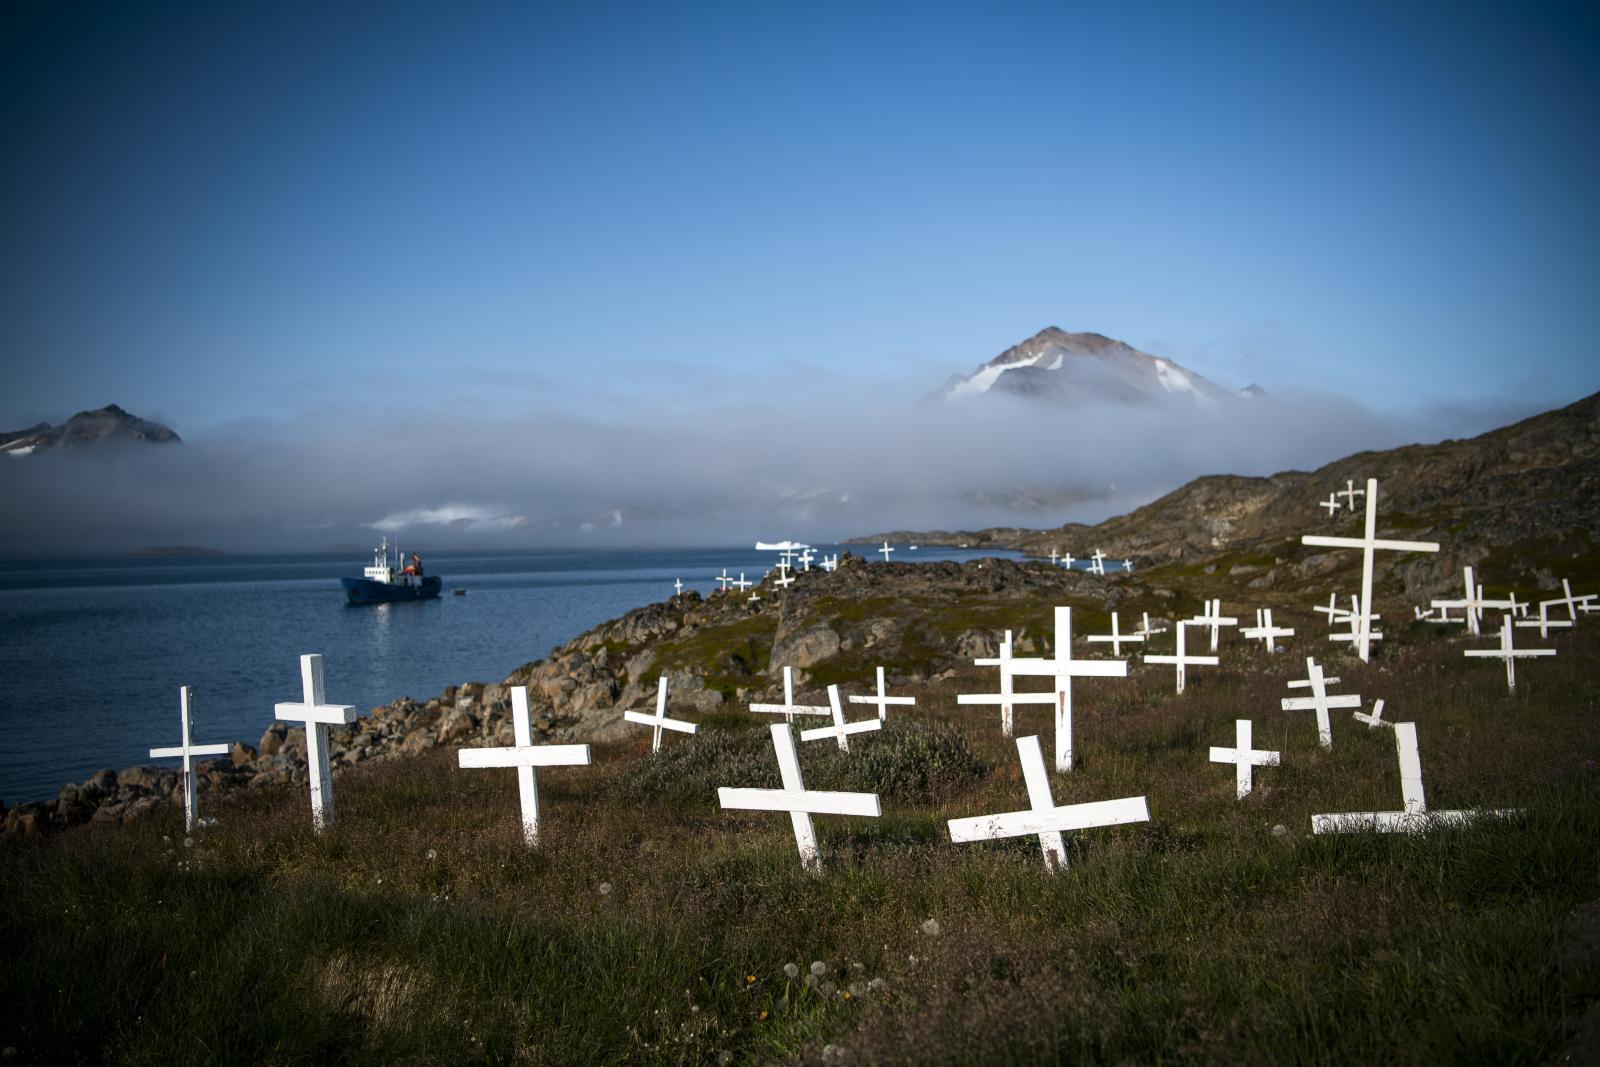 """รัฐวอชิงตัน สหรัฐฯ อนุมัติ """"นำศพมาทำปุ๋ย"""" เพื่อช่วยรักษ์โลก"""